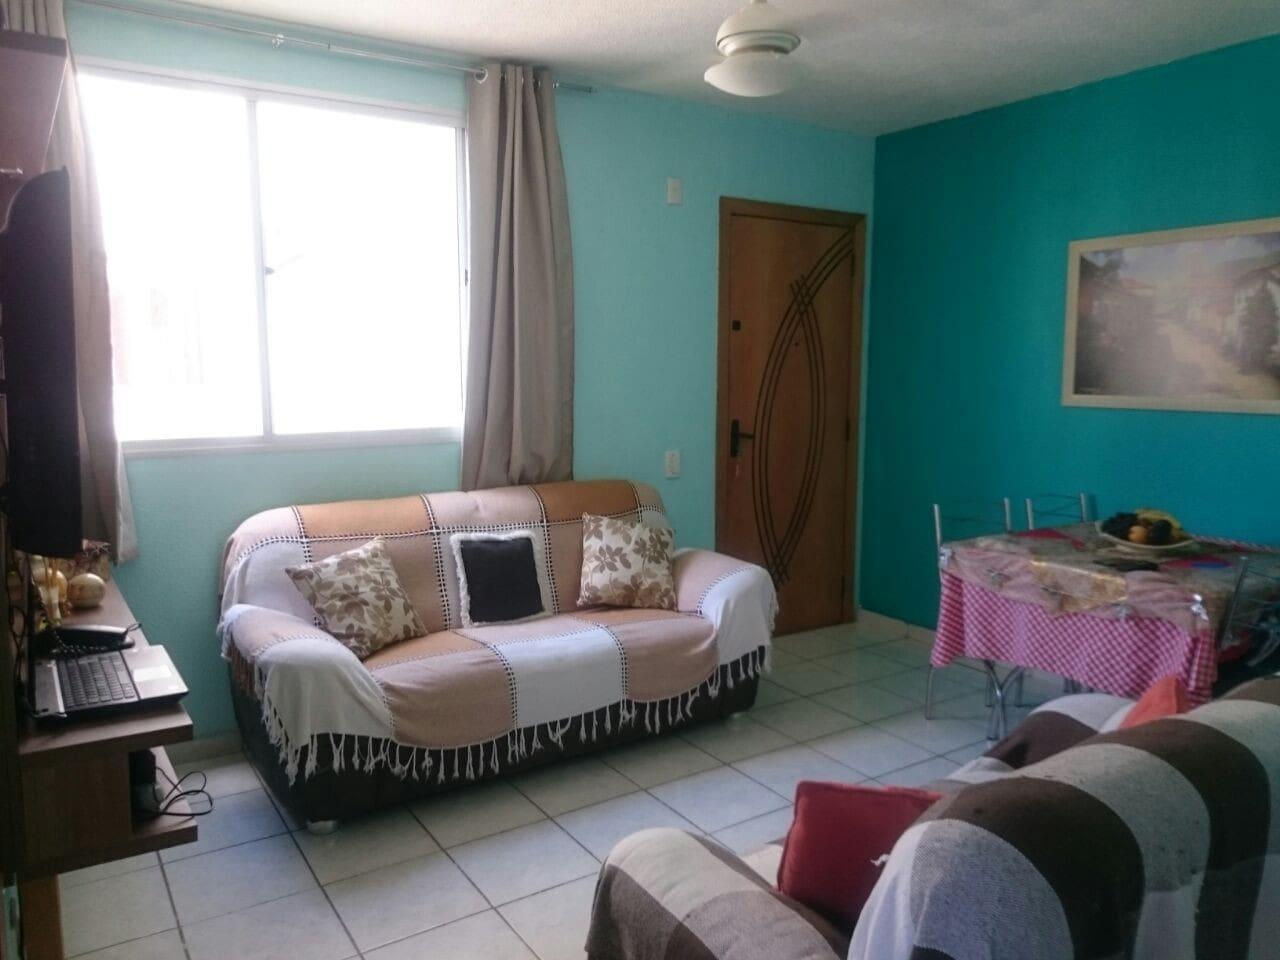 Sala ampla onde poderá colocar os dois colchões